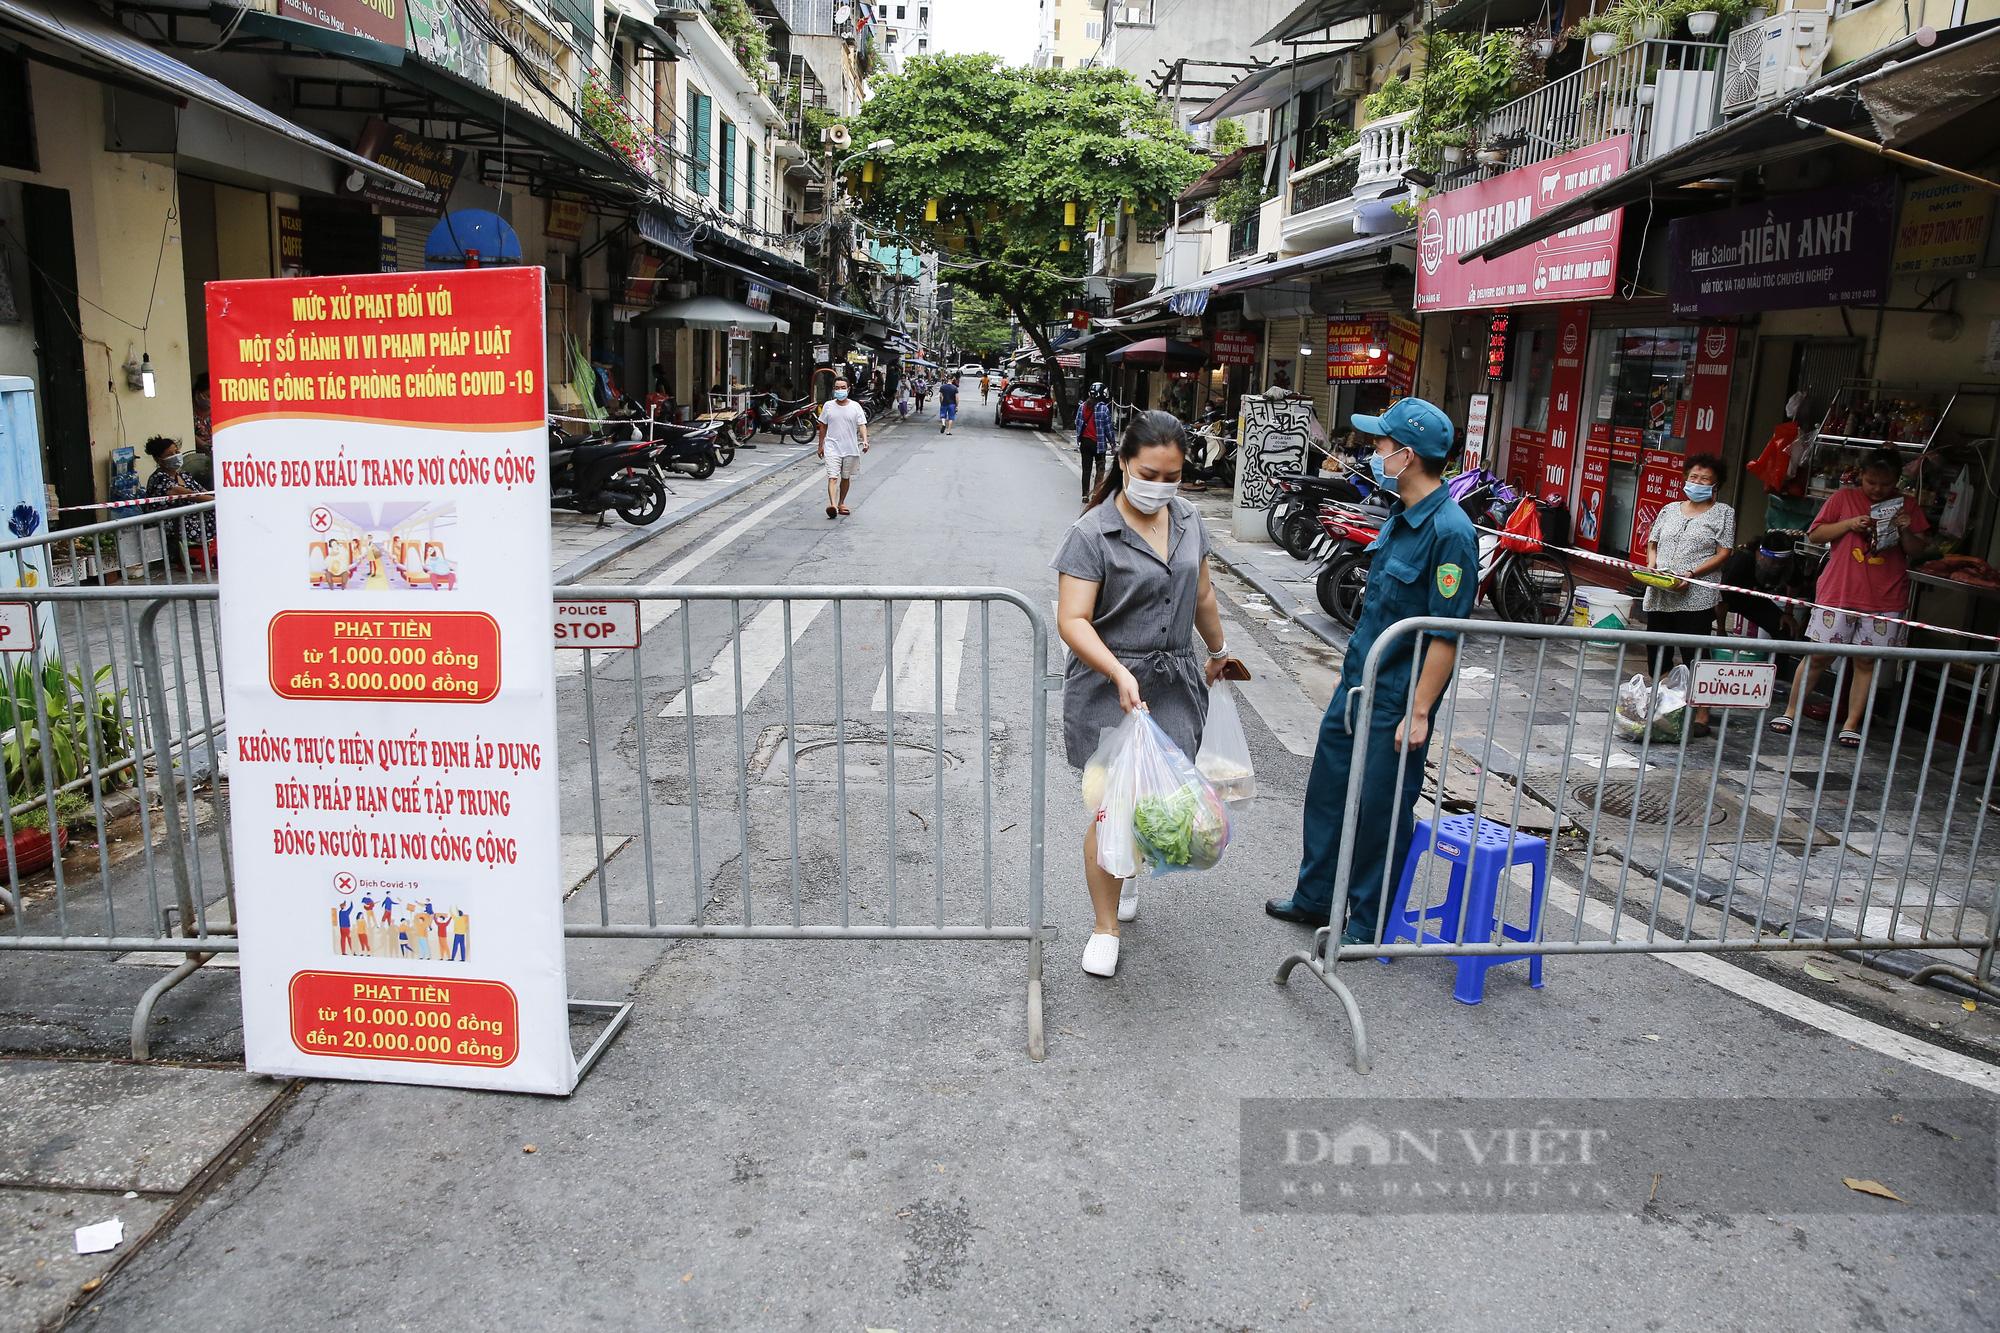 """Xem người dân phố cổ Hà Nội đi chợ """"nhà giàu"""" trong ngày giãn cách xã hội - Ảnh 1."""